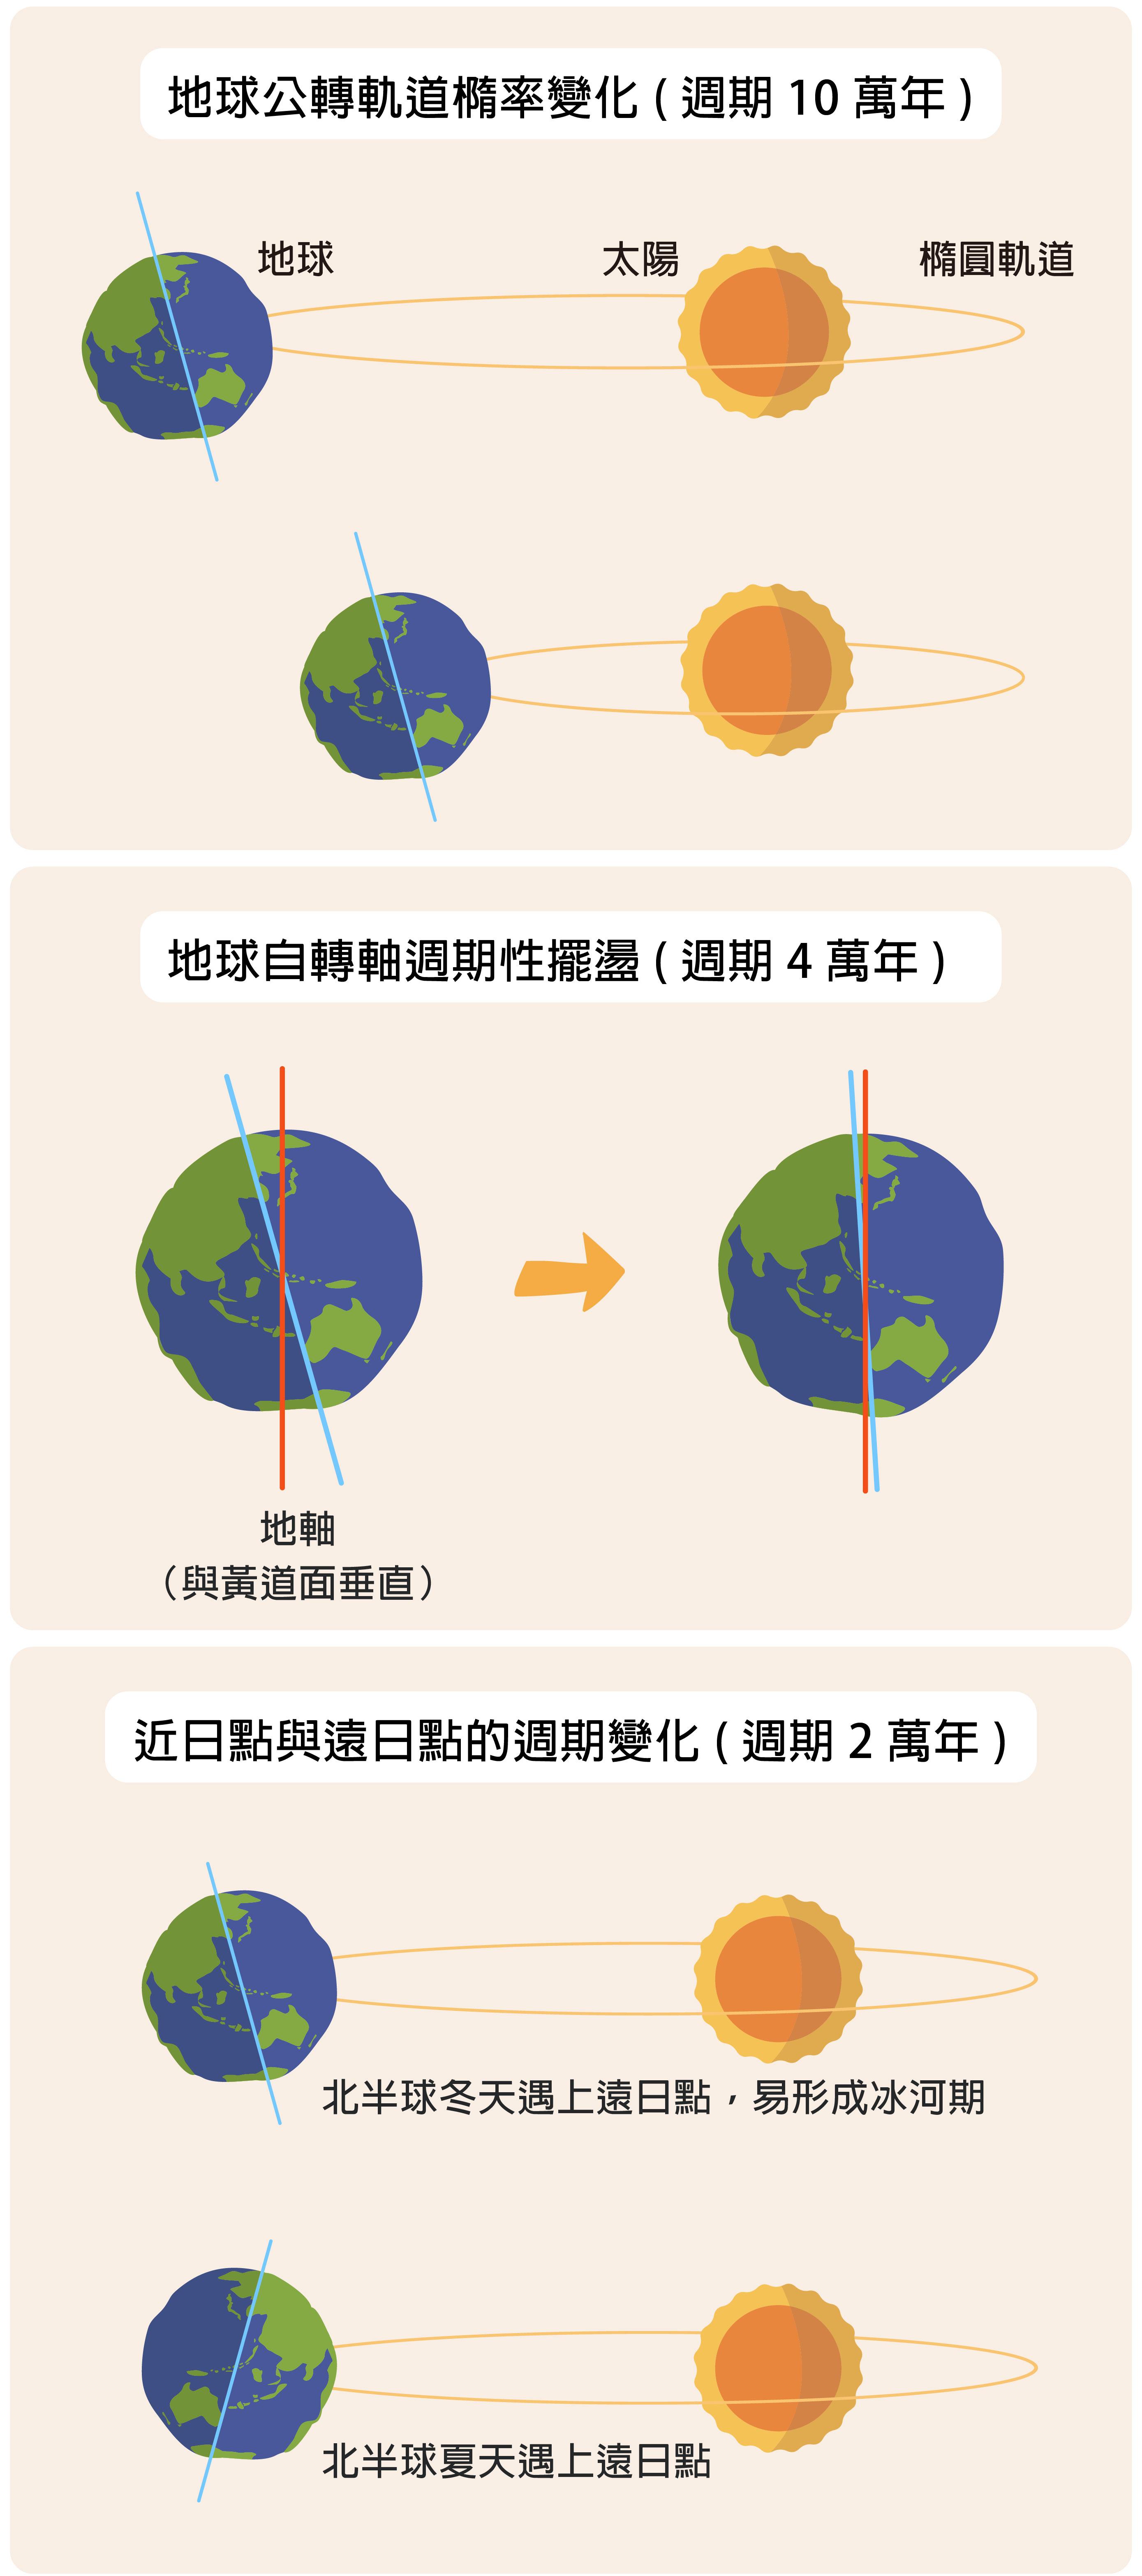 資料來源 │趙丰 圖片重製 │林洵安